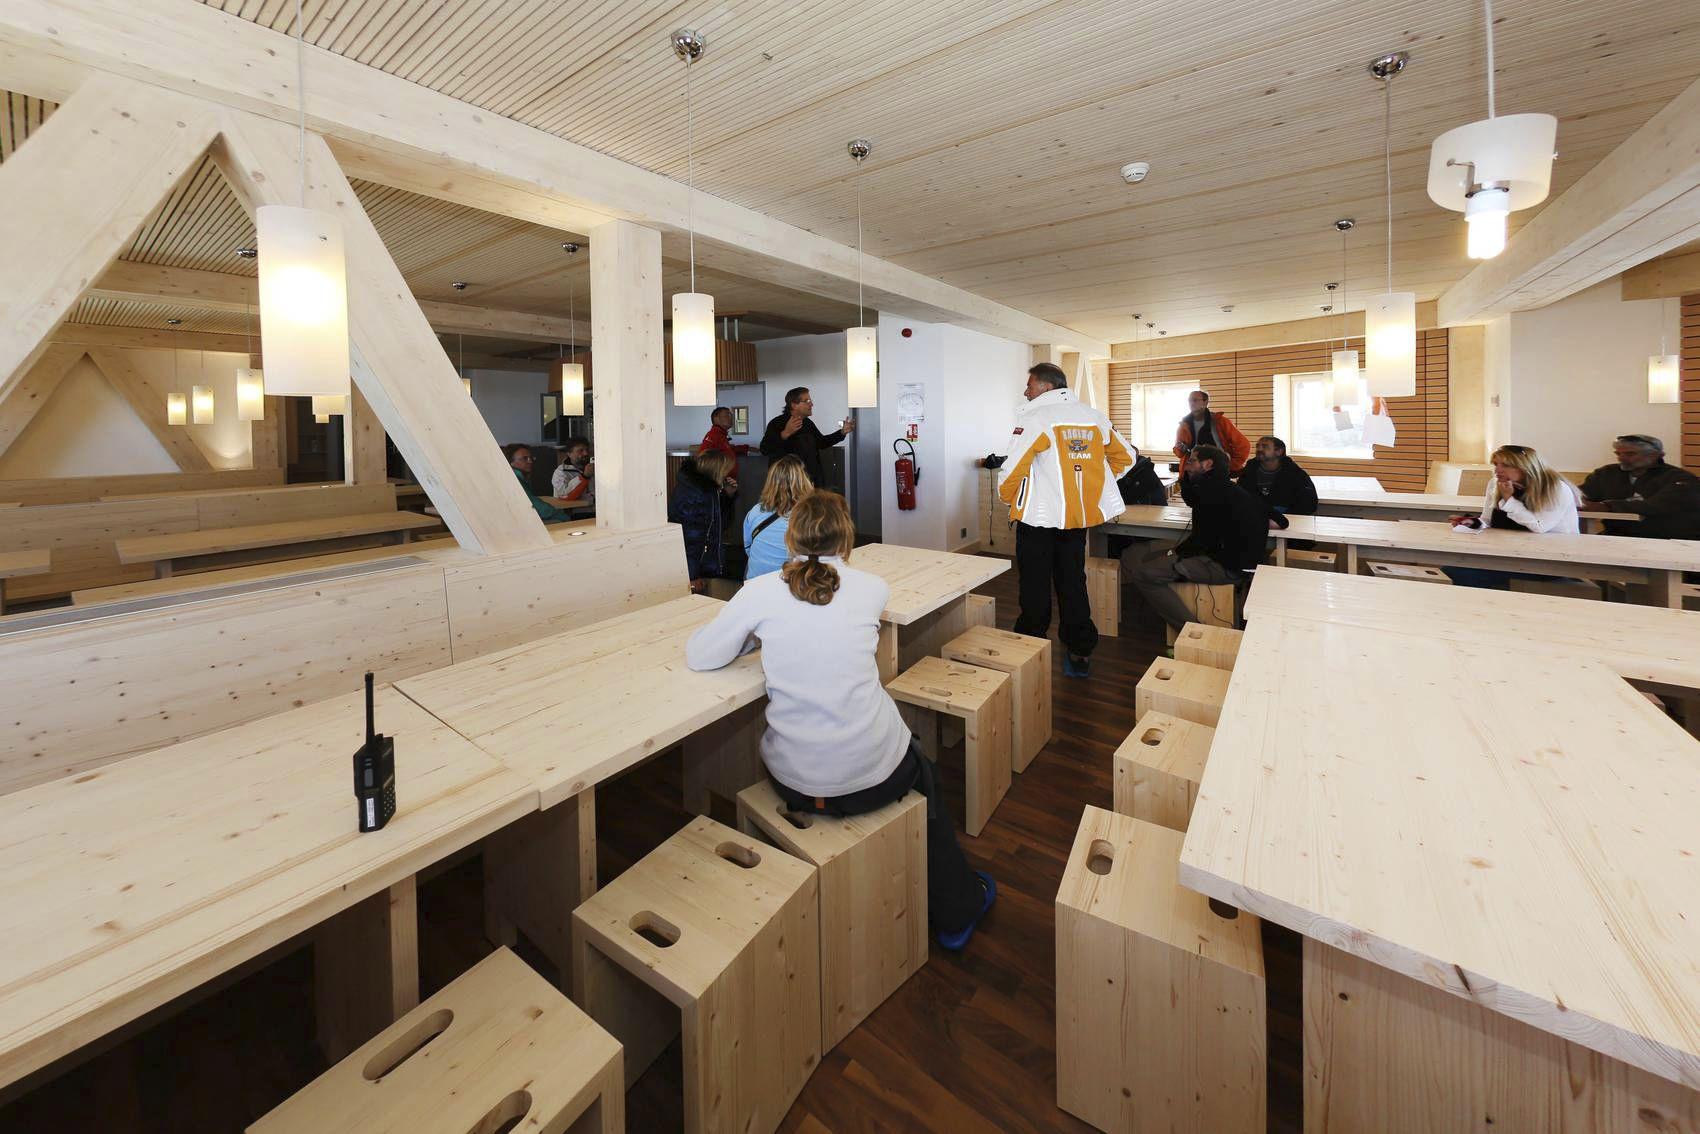 Solaio In Legno Lamellare Autoportante solaio autoportante - r q3 - lignotrend - in legno massiccio